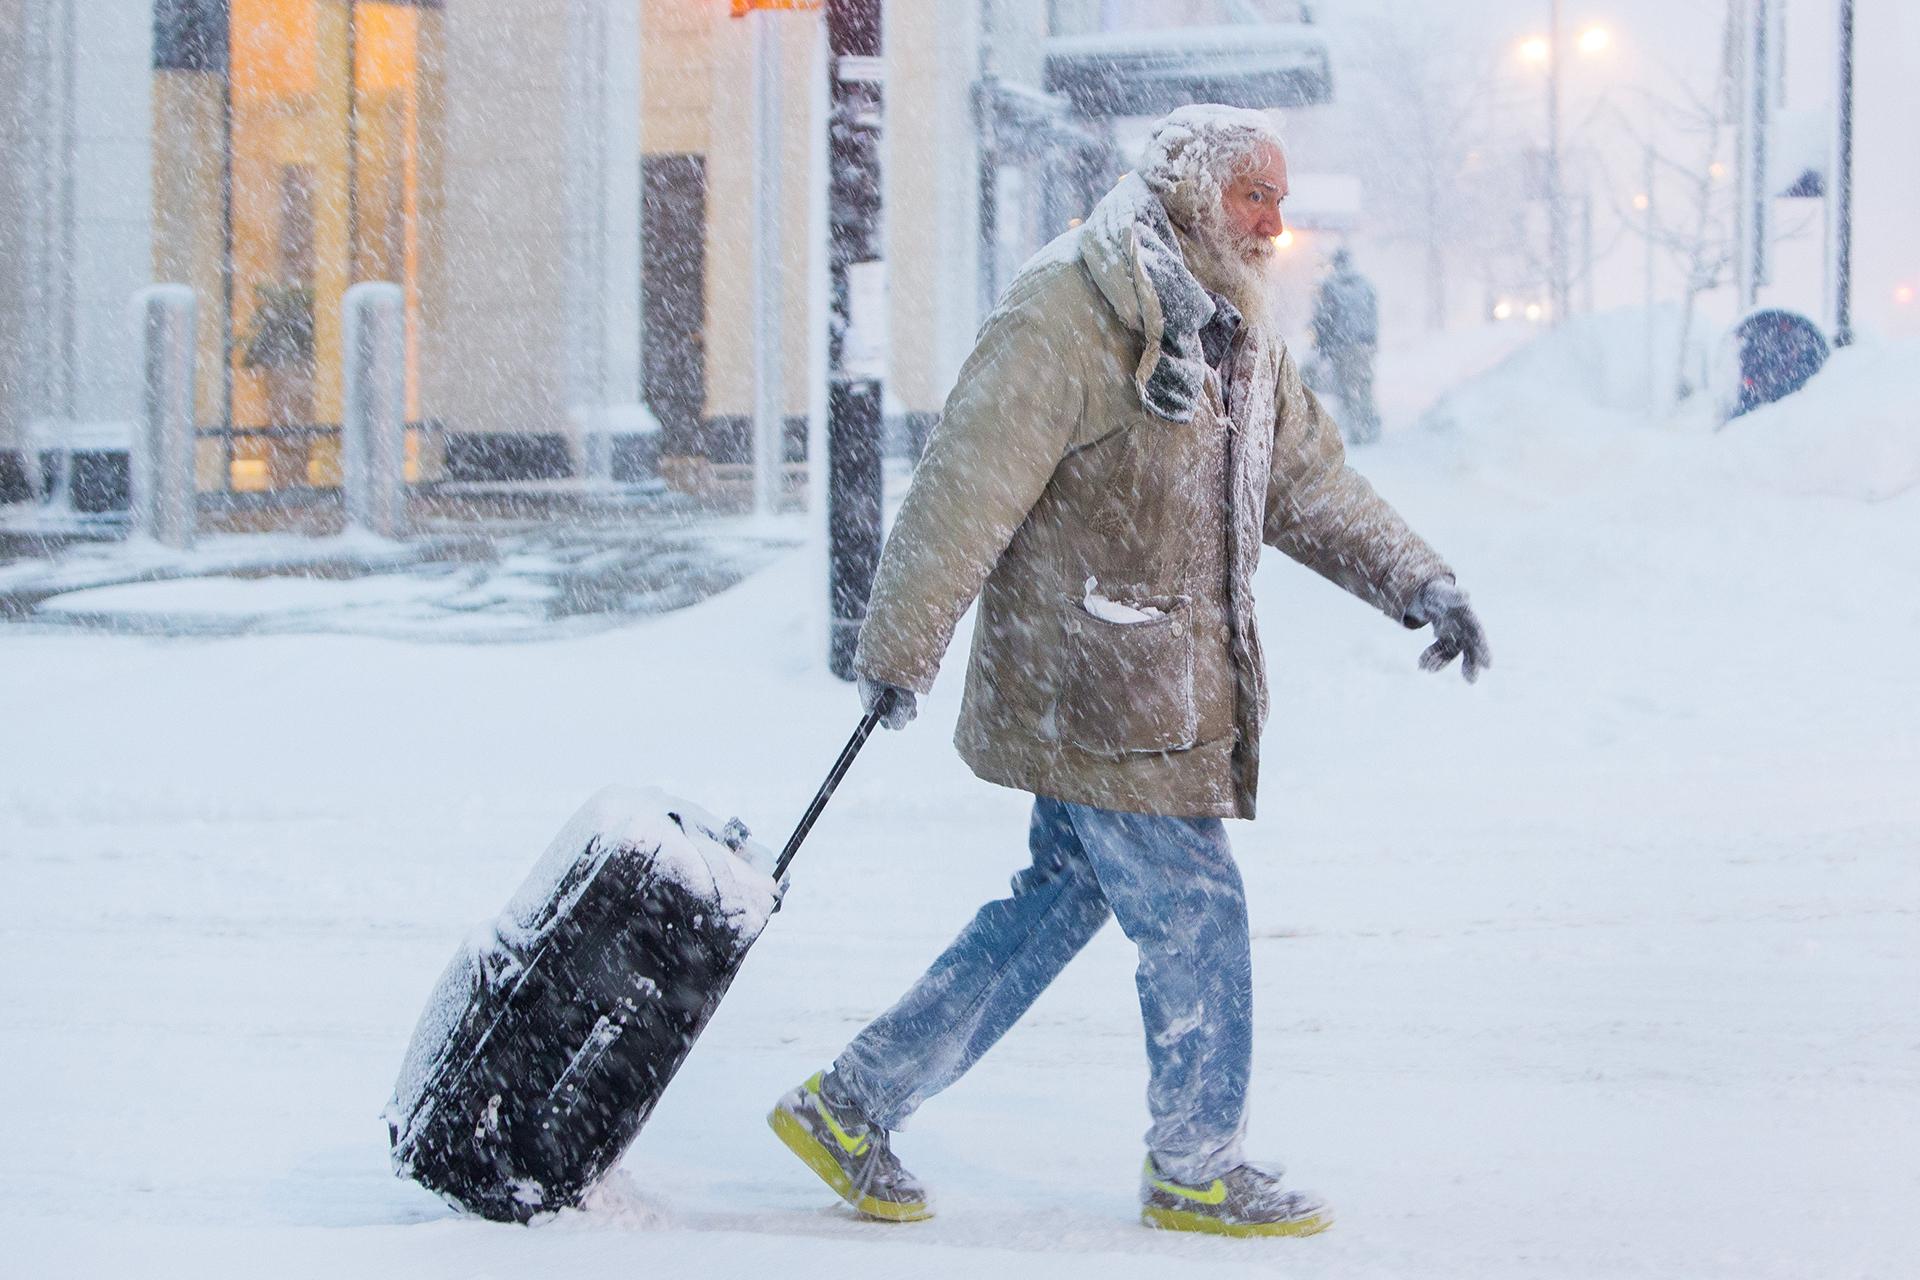 Buffalo, New York. REUTERS/Lindsay Dedario